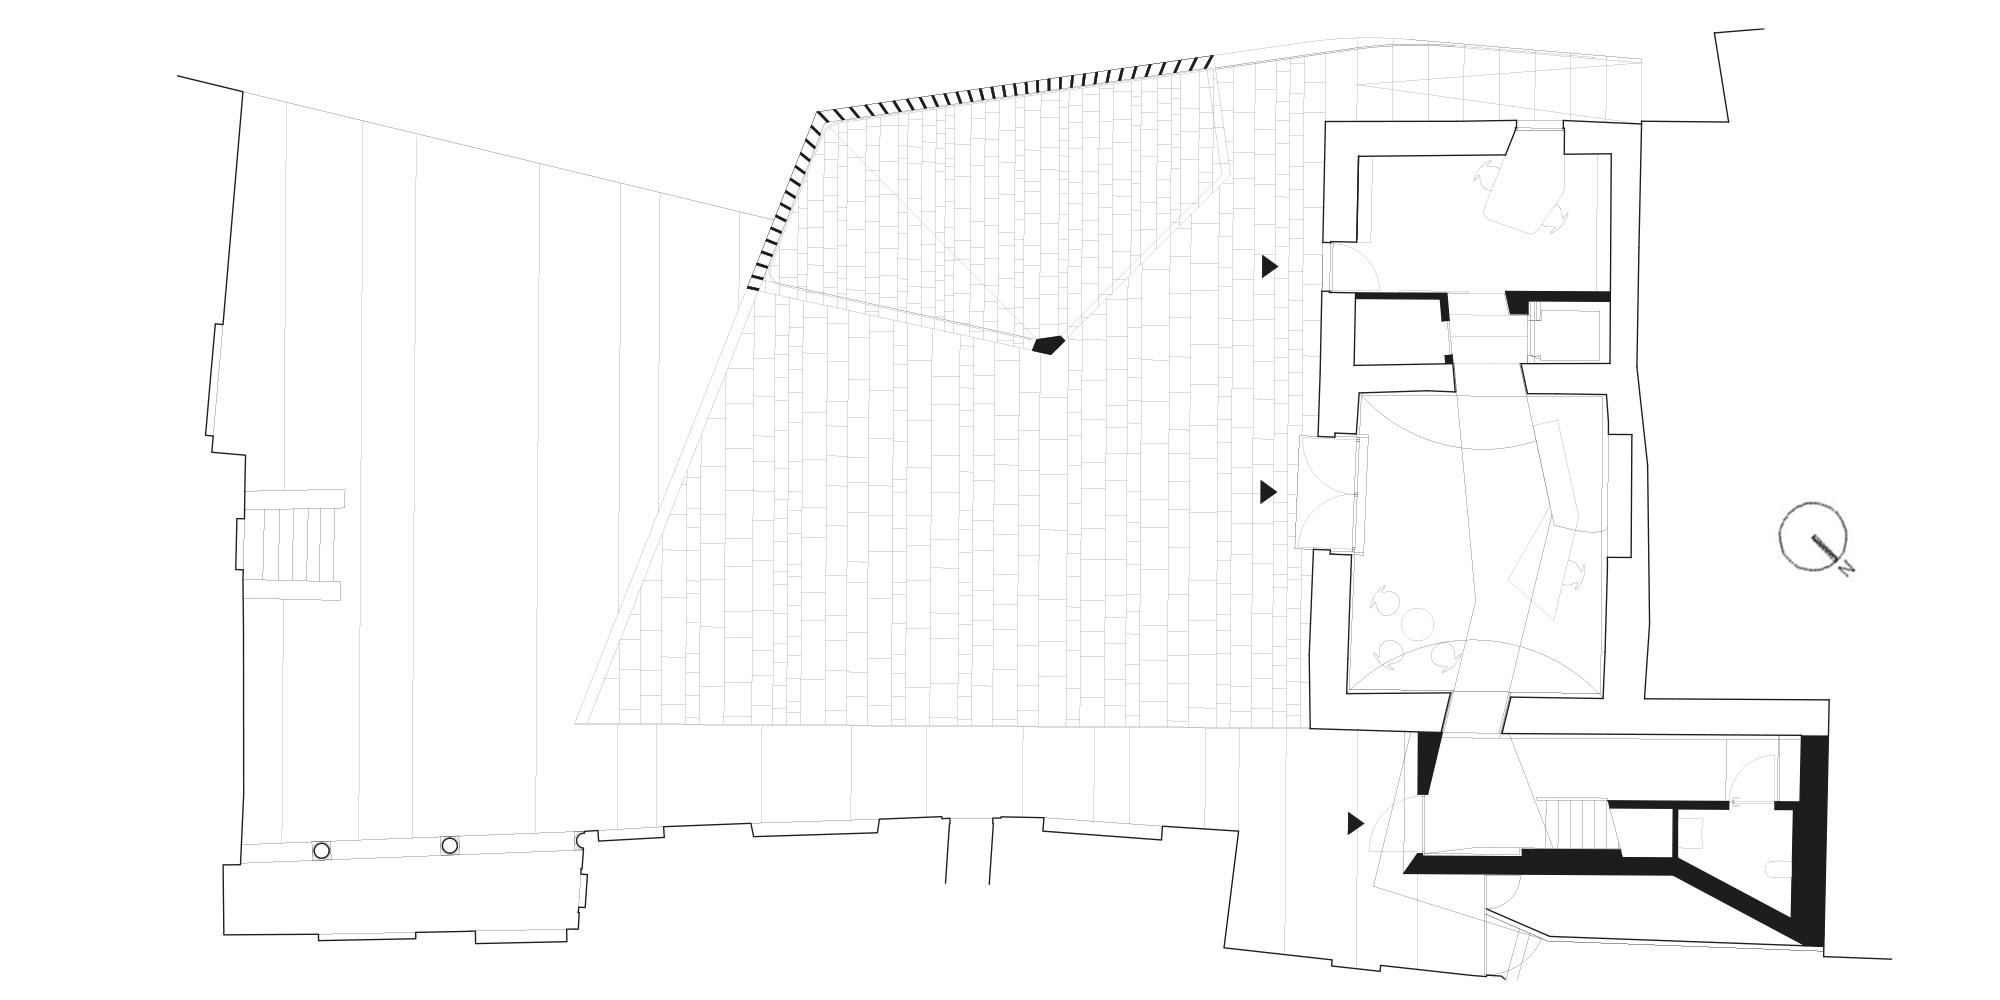 pianta piano terra  © CN10 Architetti